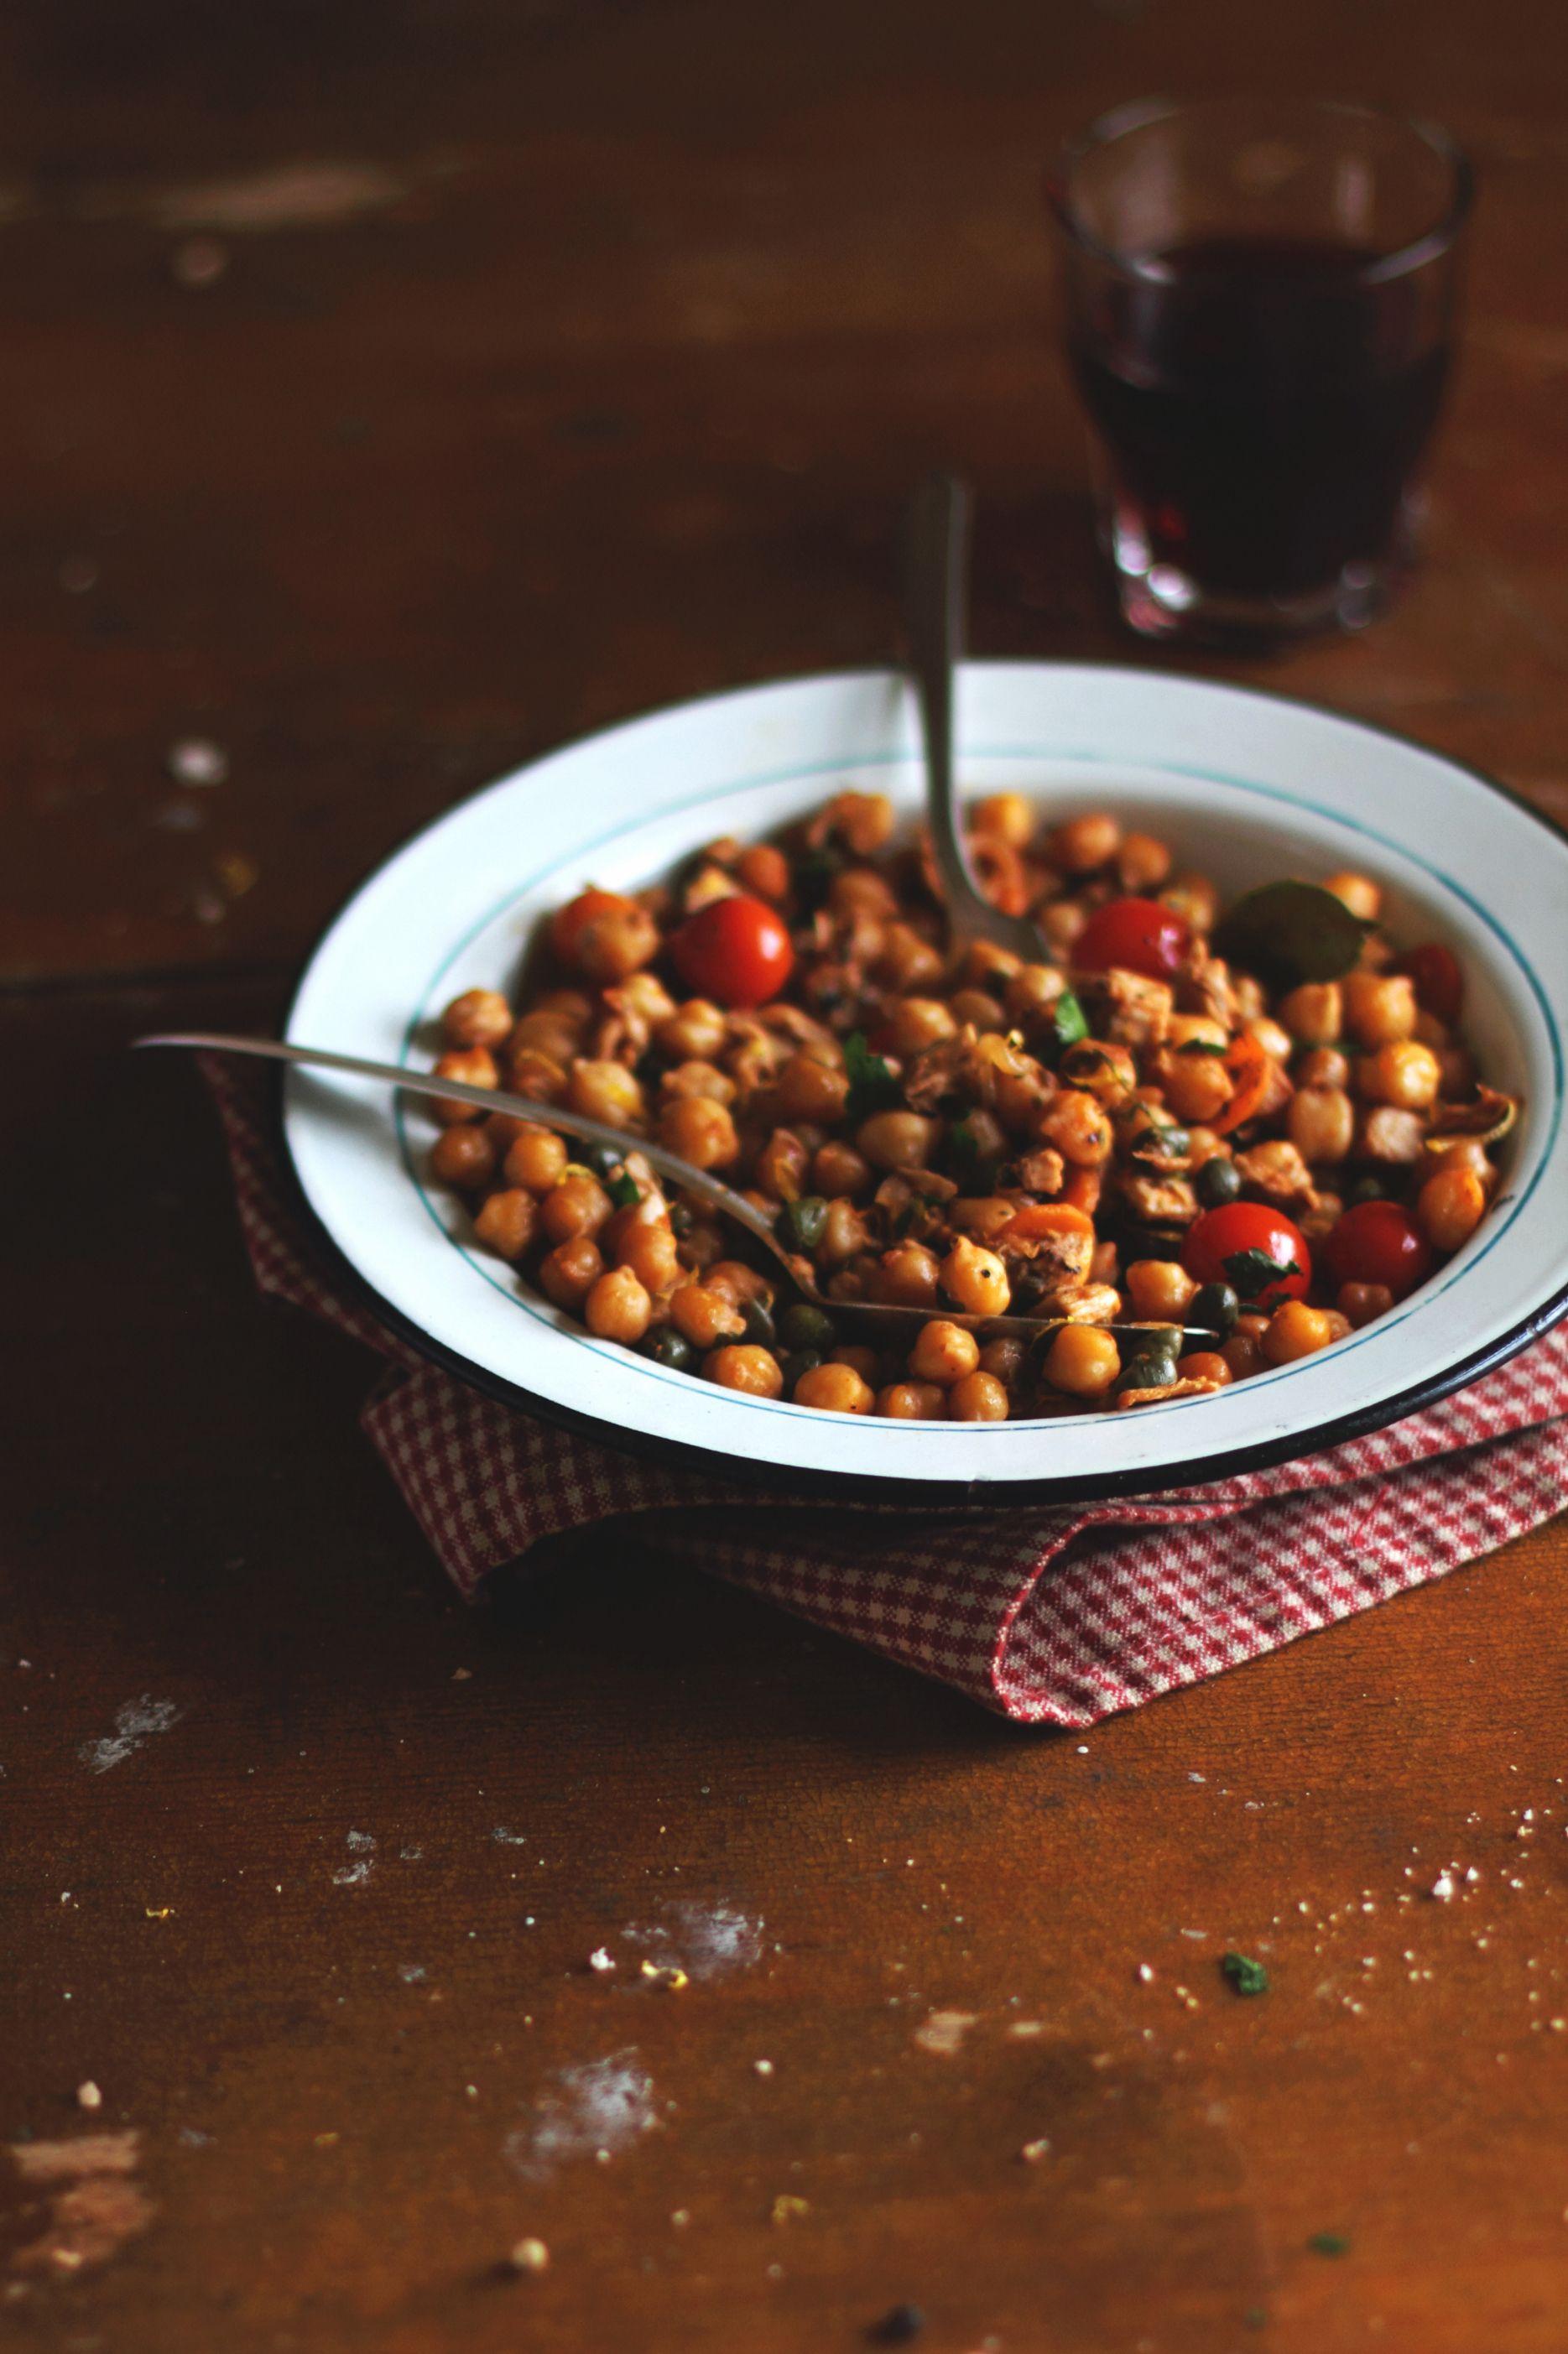 Secondo uno studio recente mangiare legumi regolarmente for Marchi di pasta da non mangiare